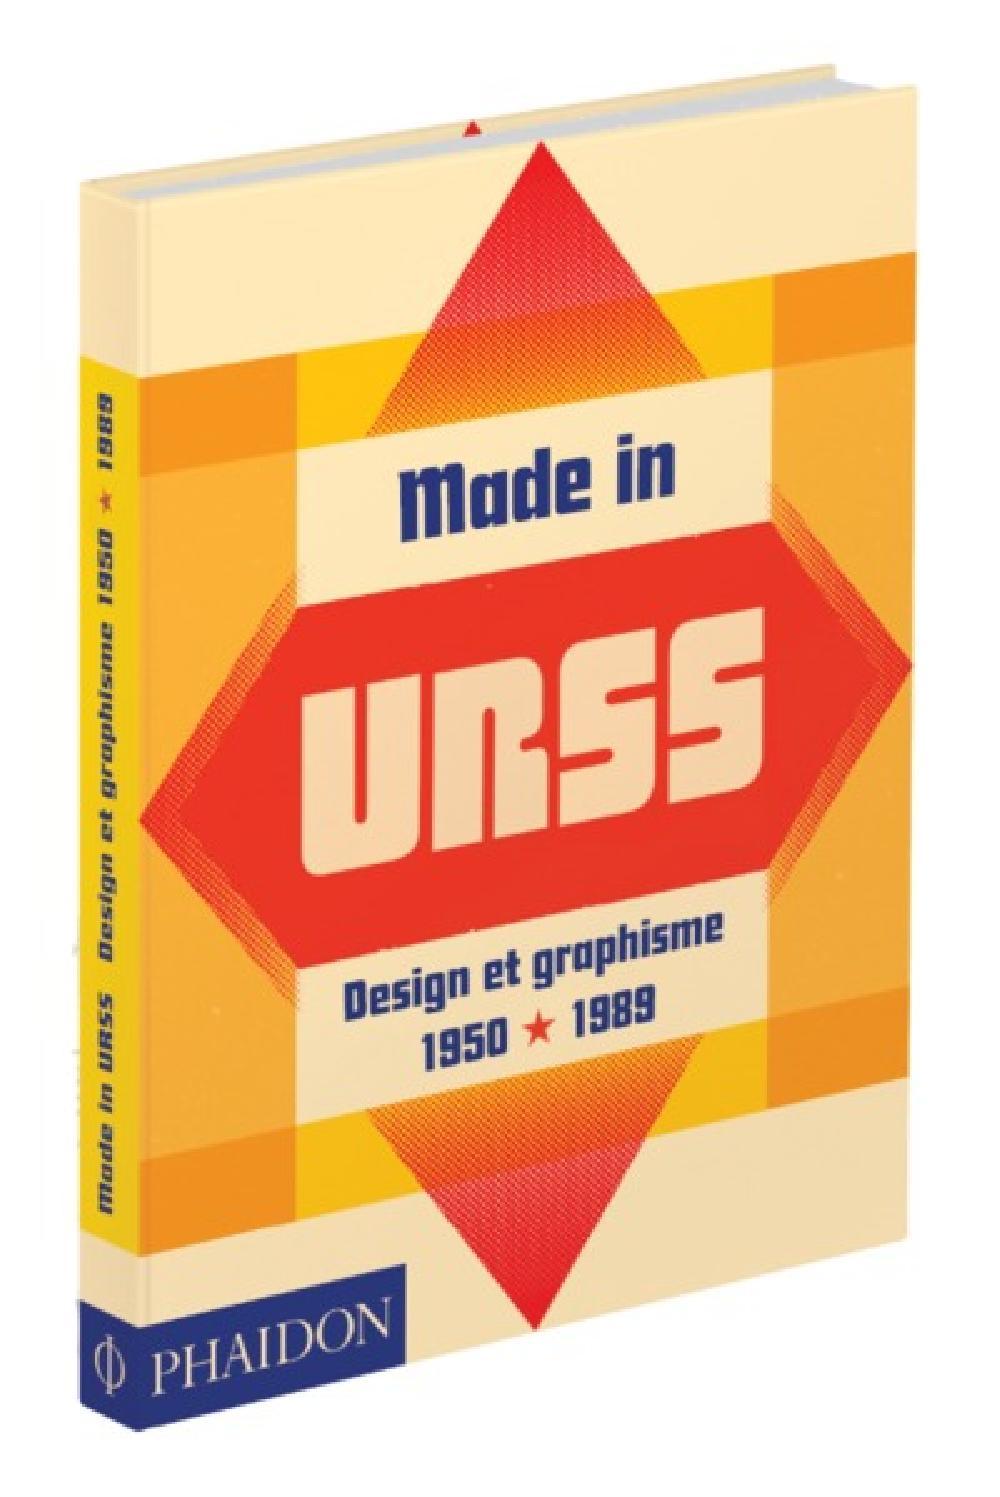 Made in URSS - Design et graphisme 1950-1989